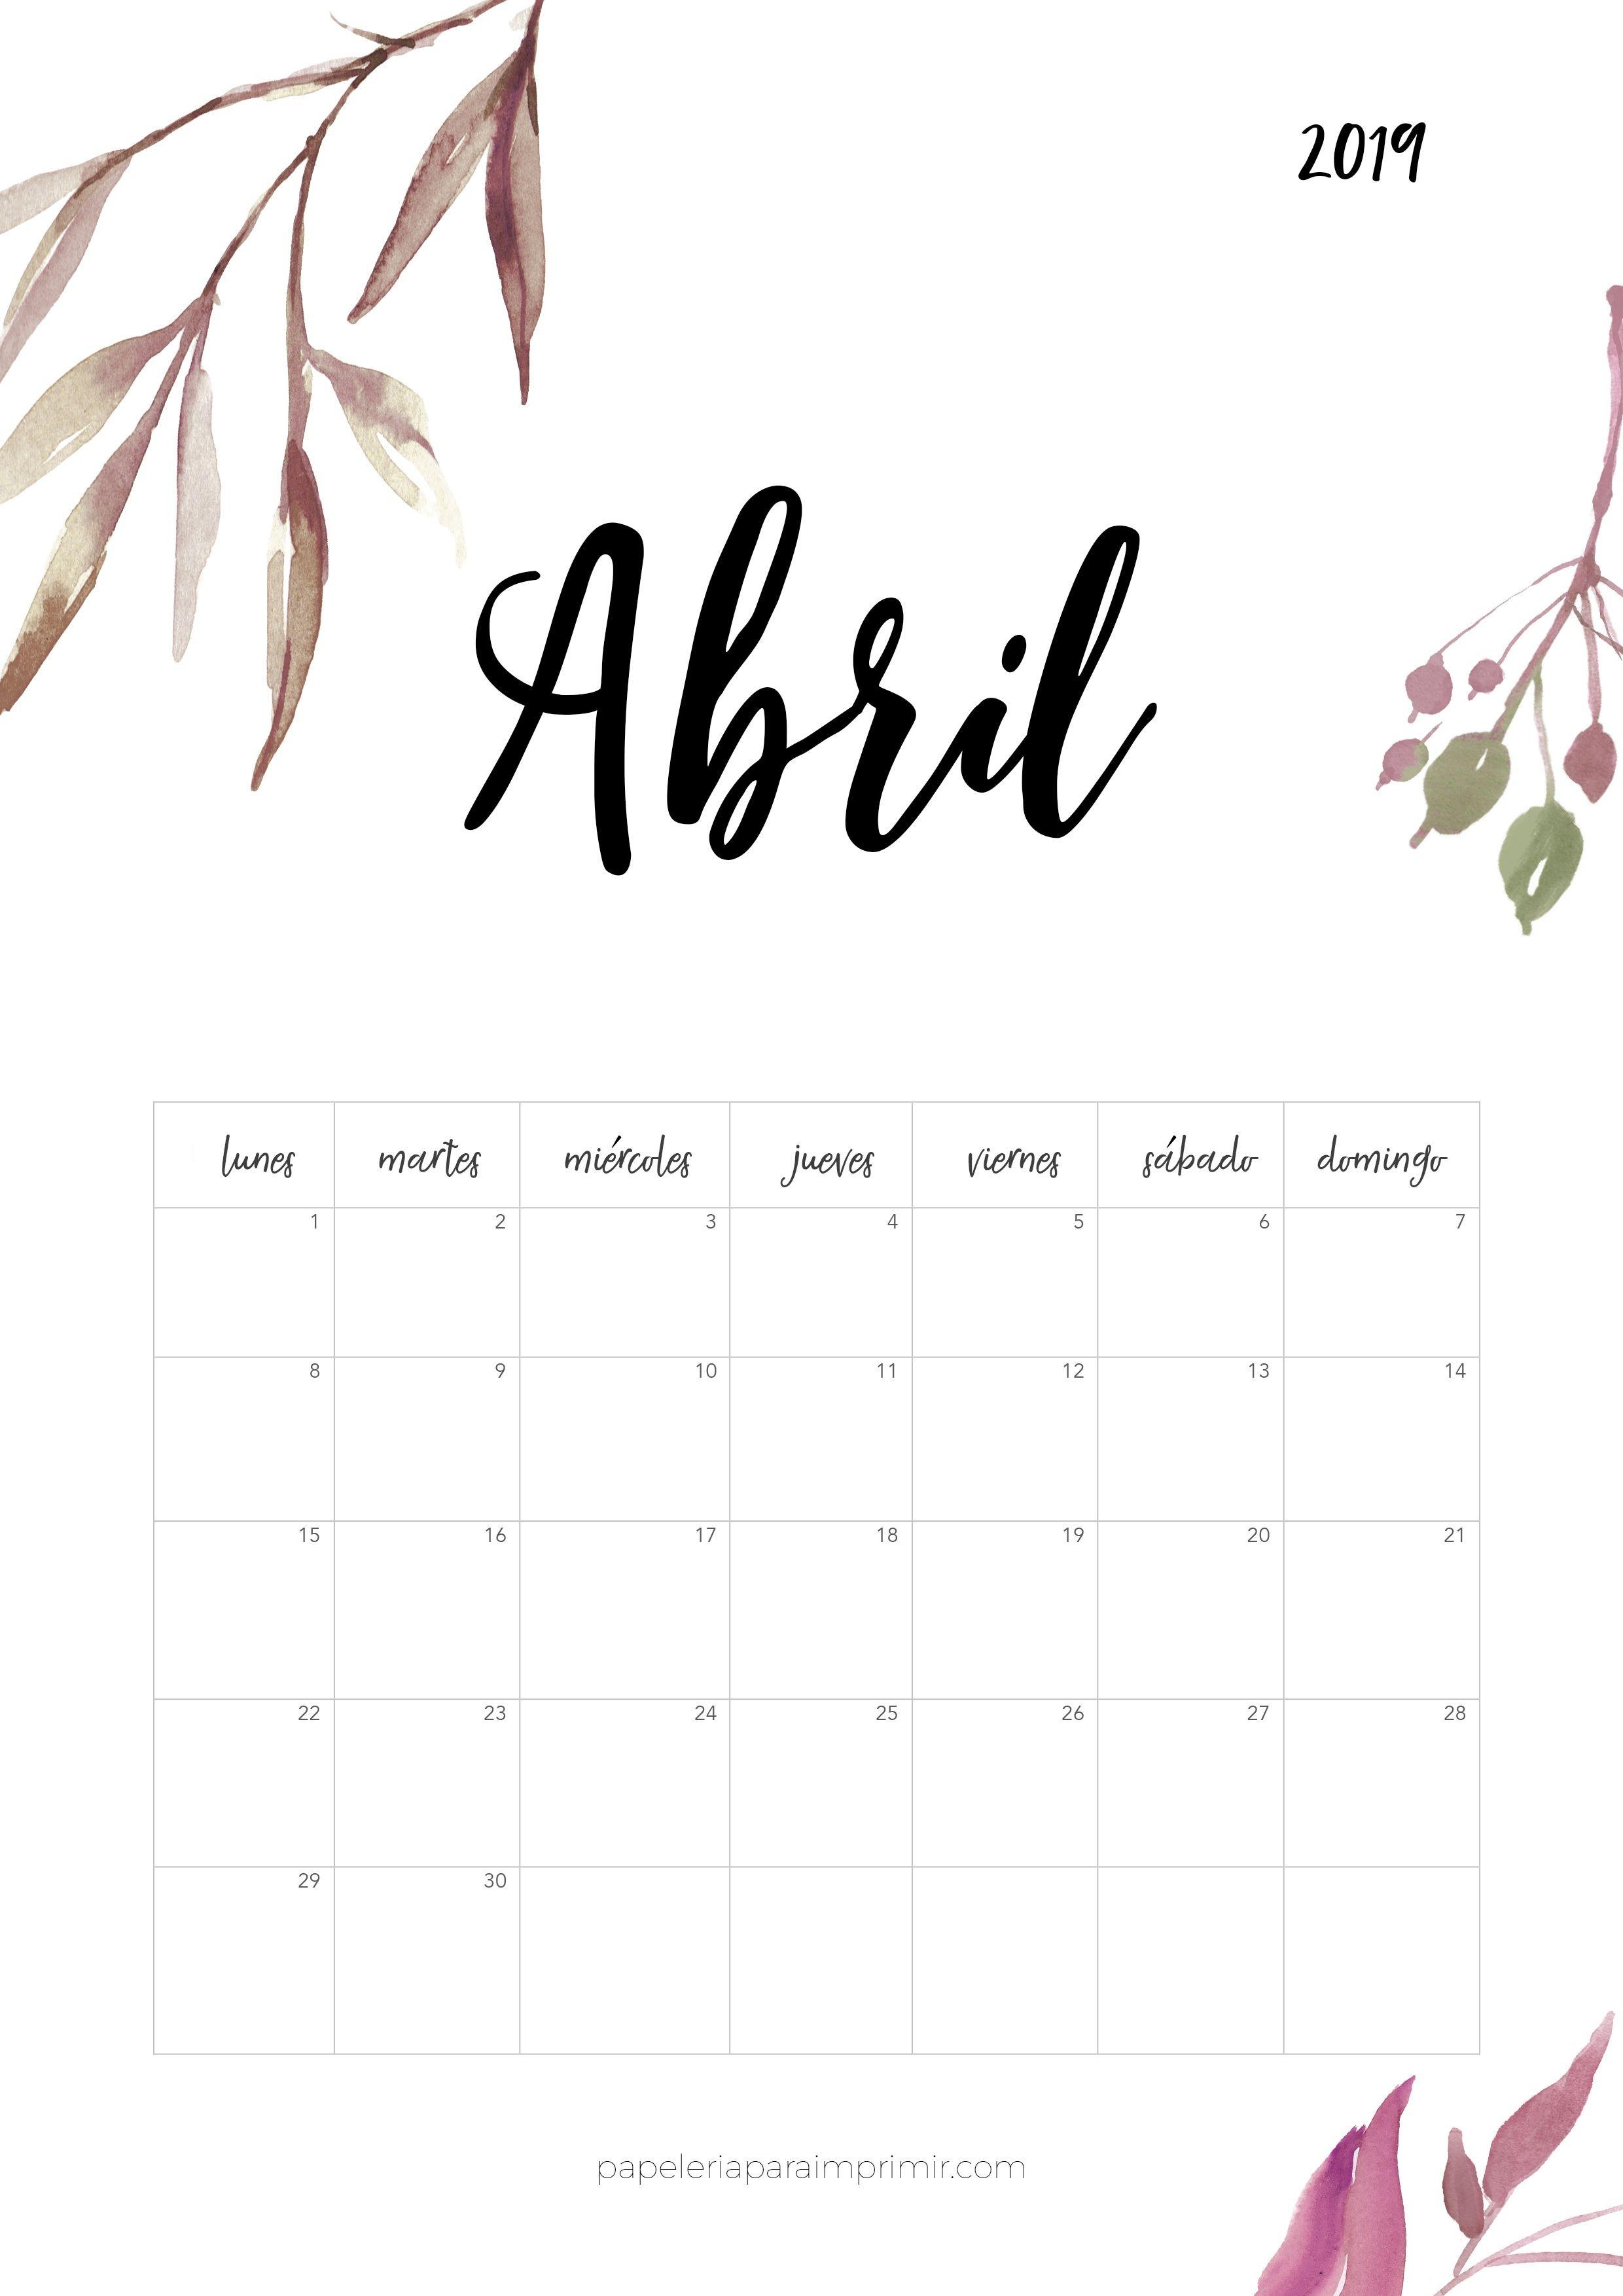 Calendario para imprimir 2019 Abril calendario calendar